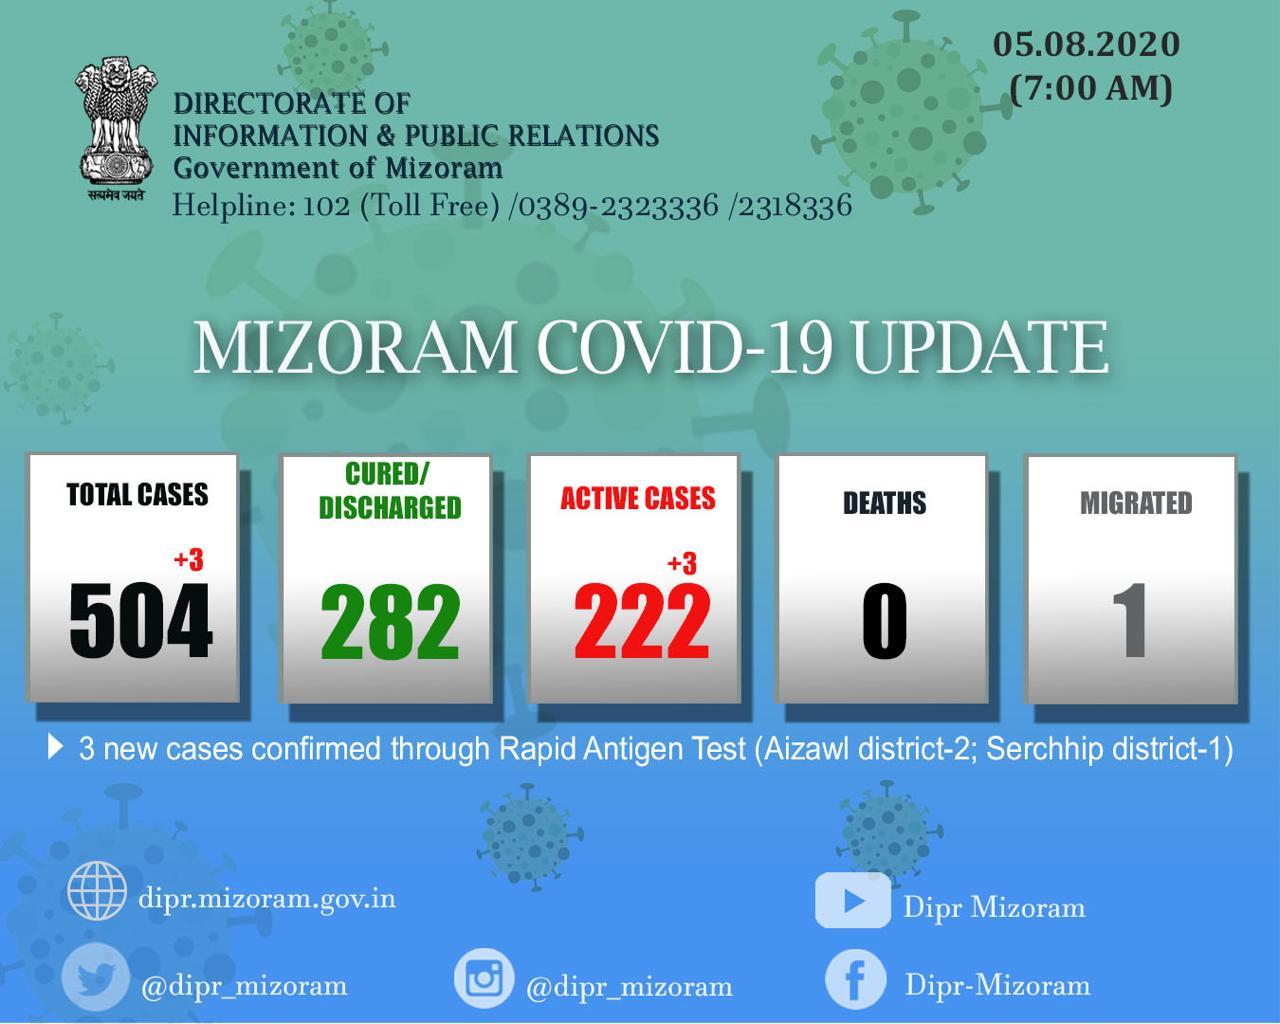 mizoram covid-19 cases rise to 504